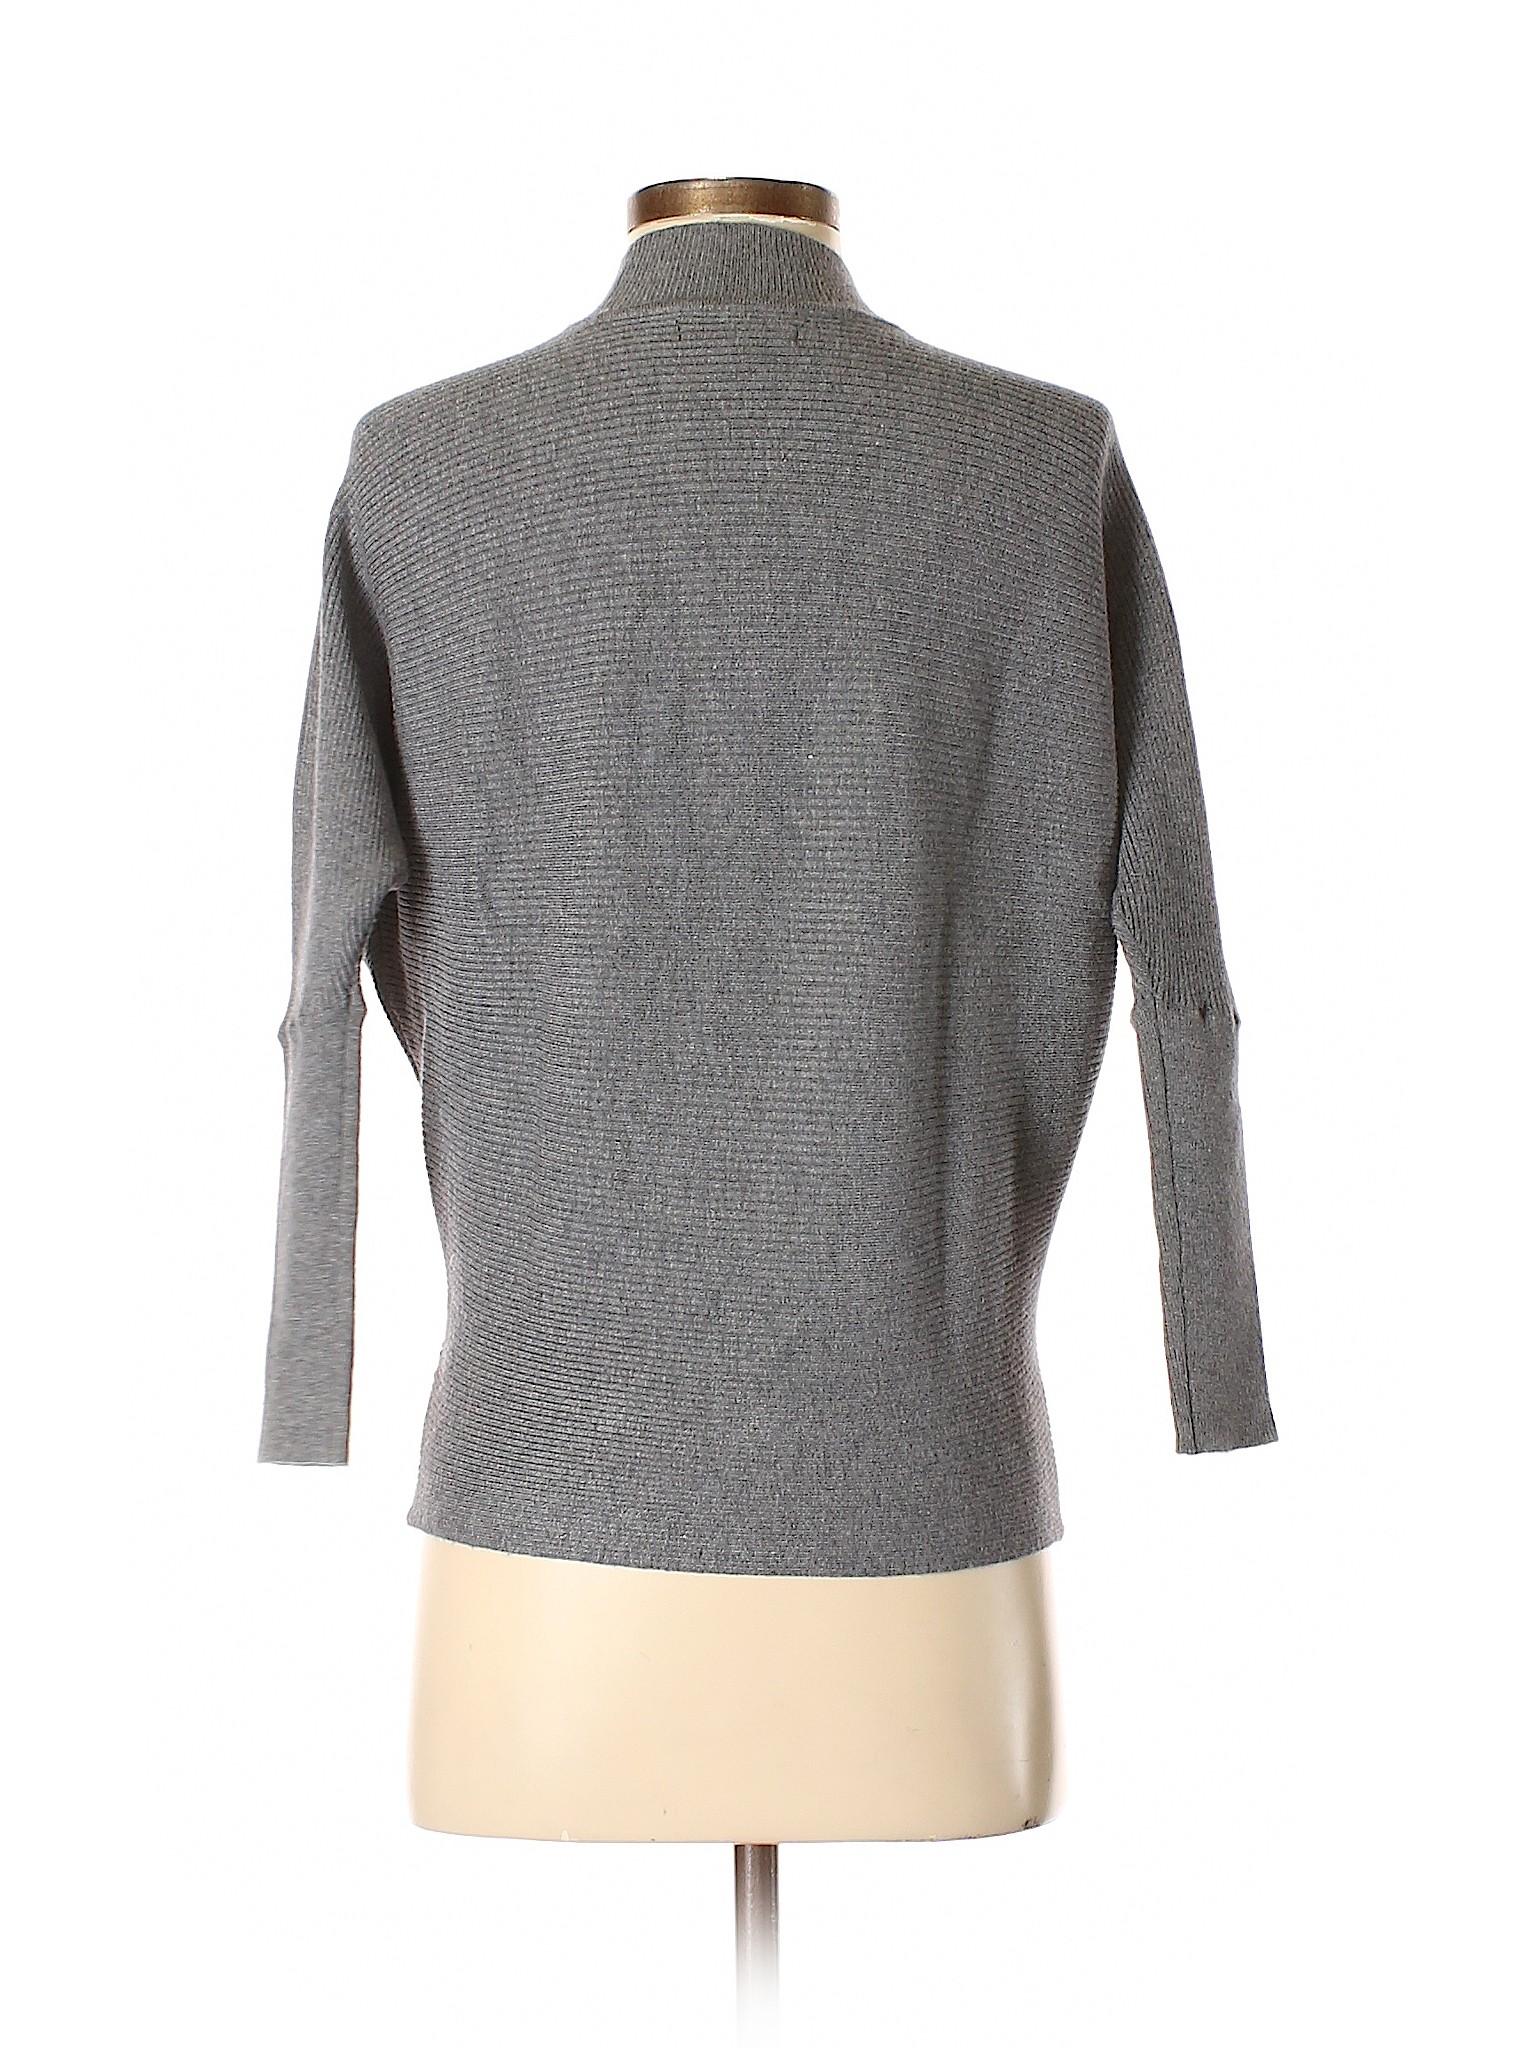 Boutique Jennifer Lopez Pullover Jennifer Pullover Sweater Boutique Sweater Lopez drqr6